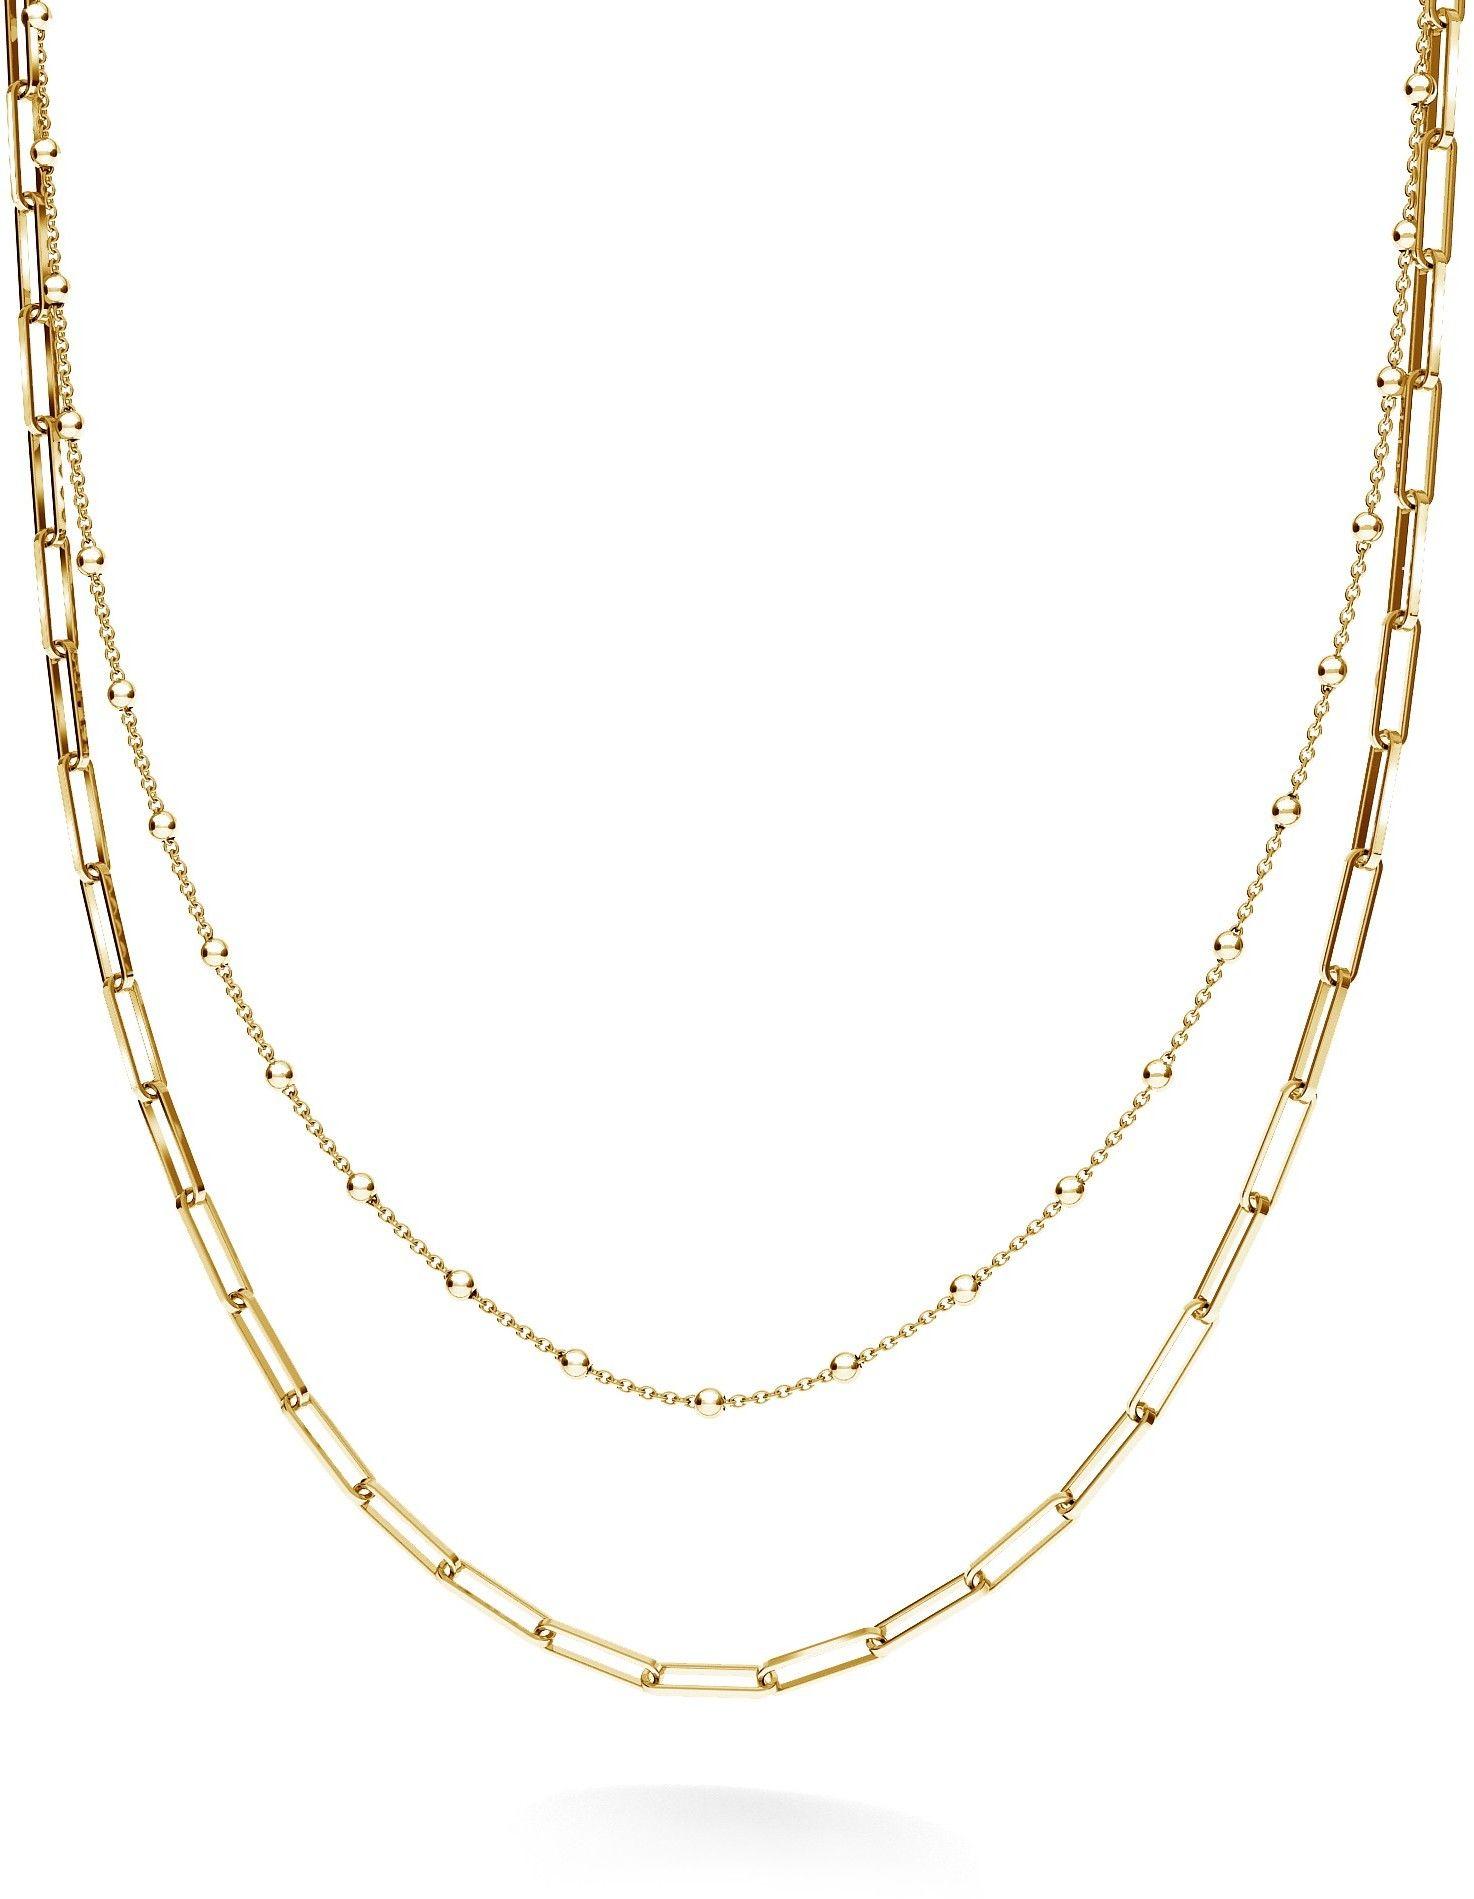 Srebrny łańcuszek kulkowy do wpinania charmsów, srebro 925 : Srebro - kolor pokrycia - Pokrycie żółtym 18K złotem